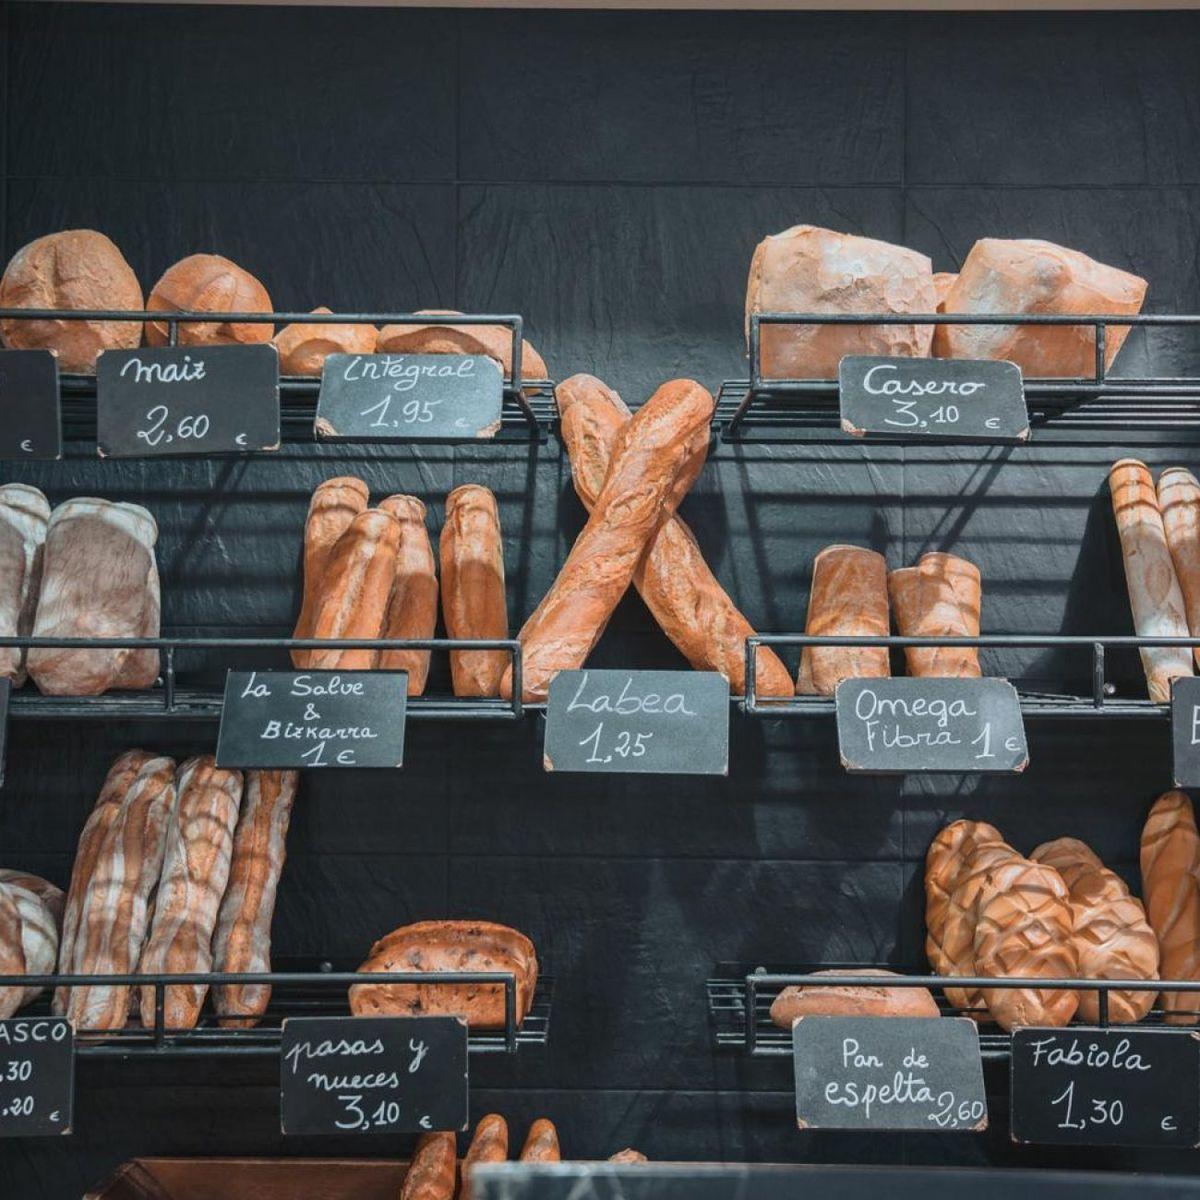 3981-panaderia-pasteleria-bizkarra-03